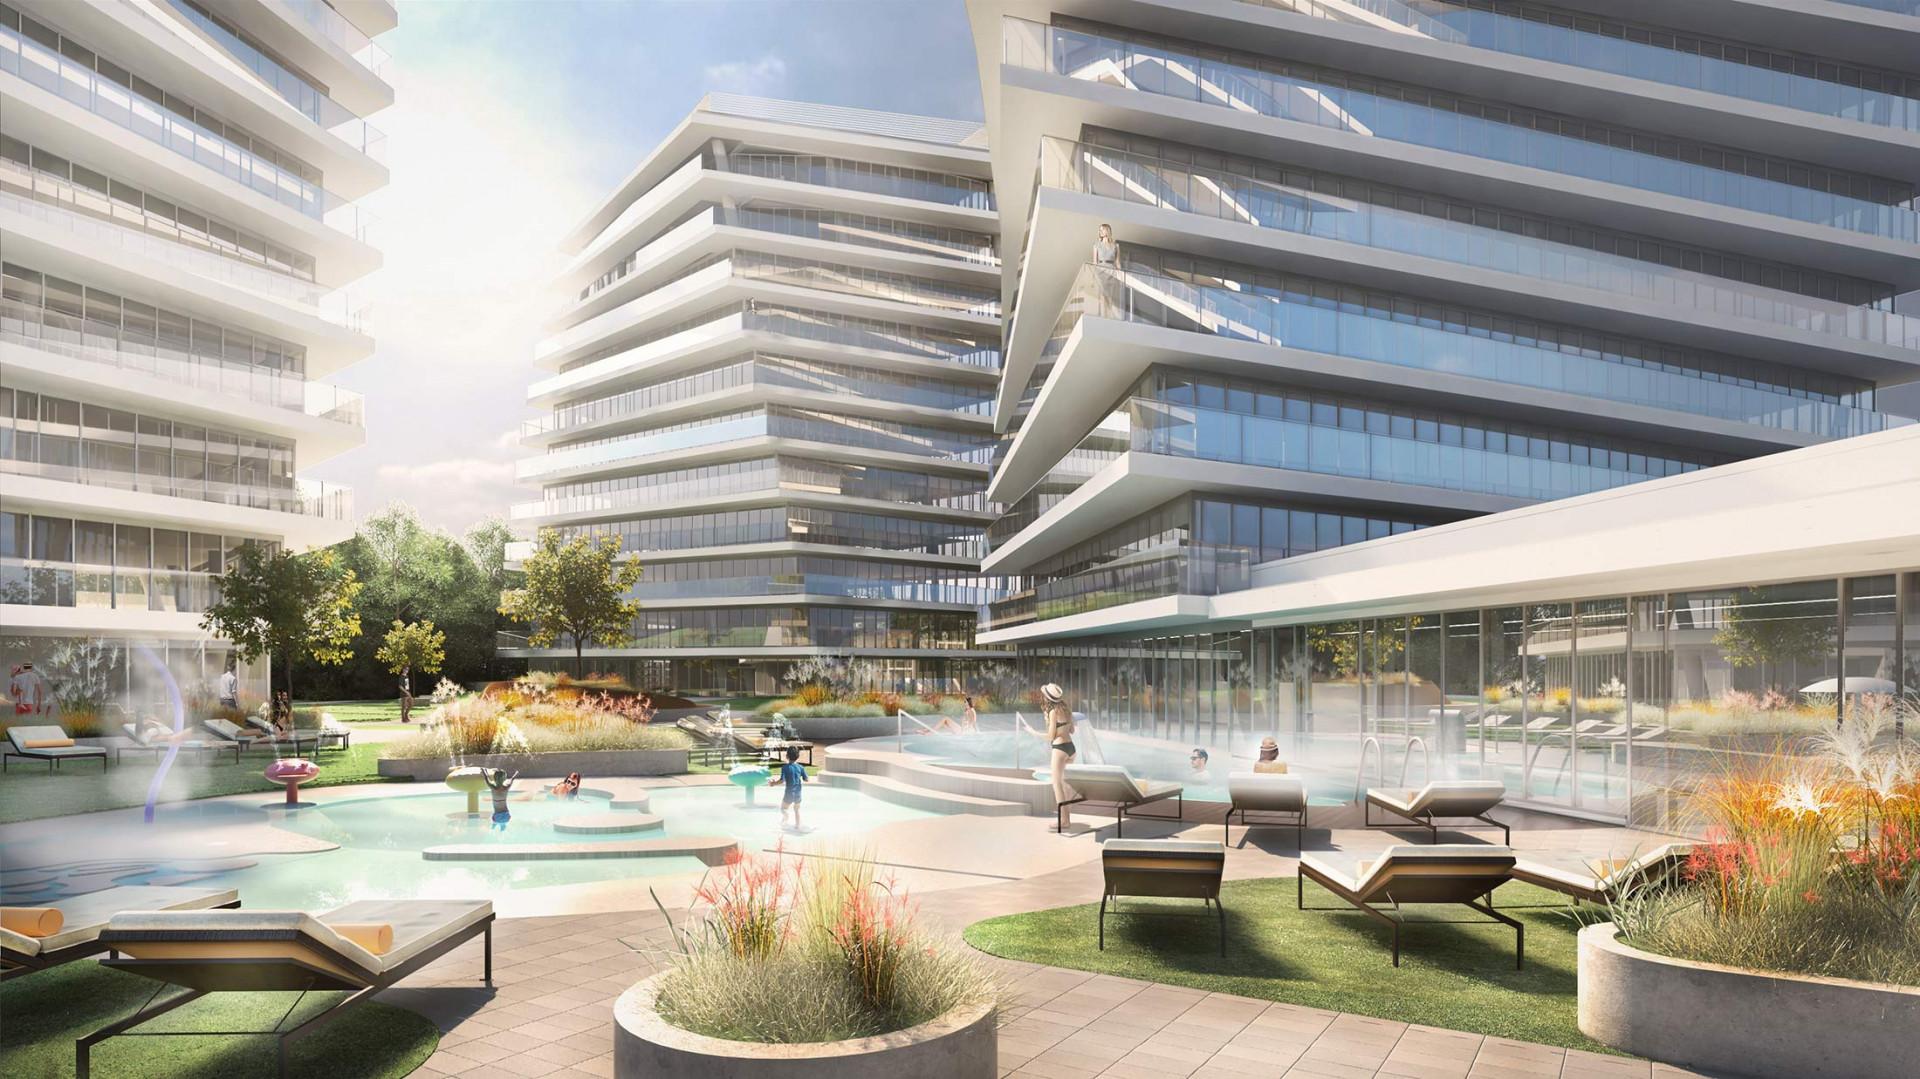 Wkrótce ruszy budowa inwestycji Wave Apartments w Międzyzdrojach